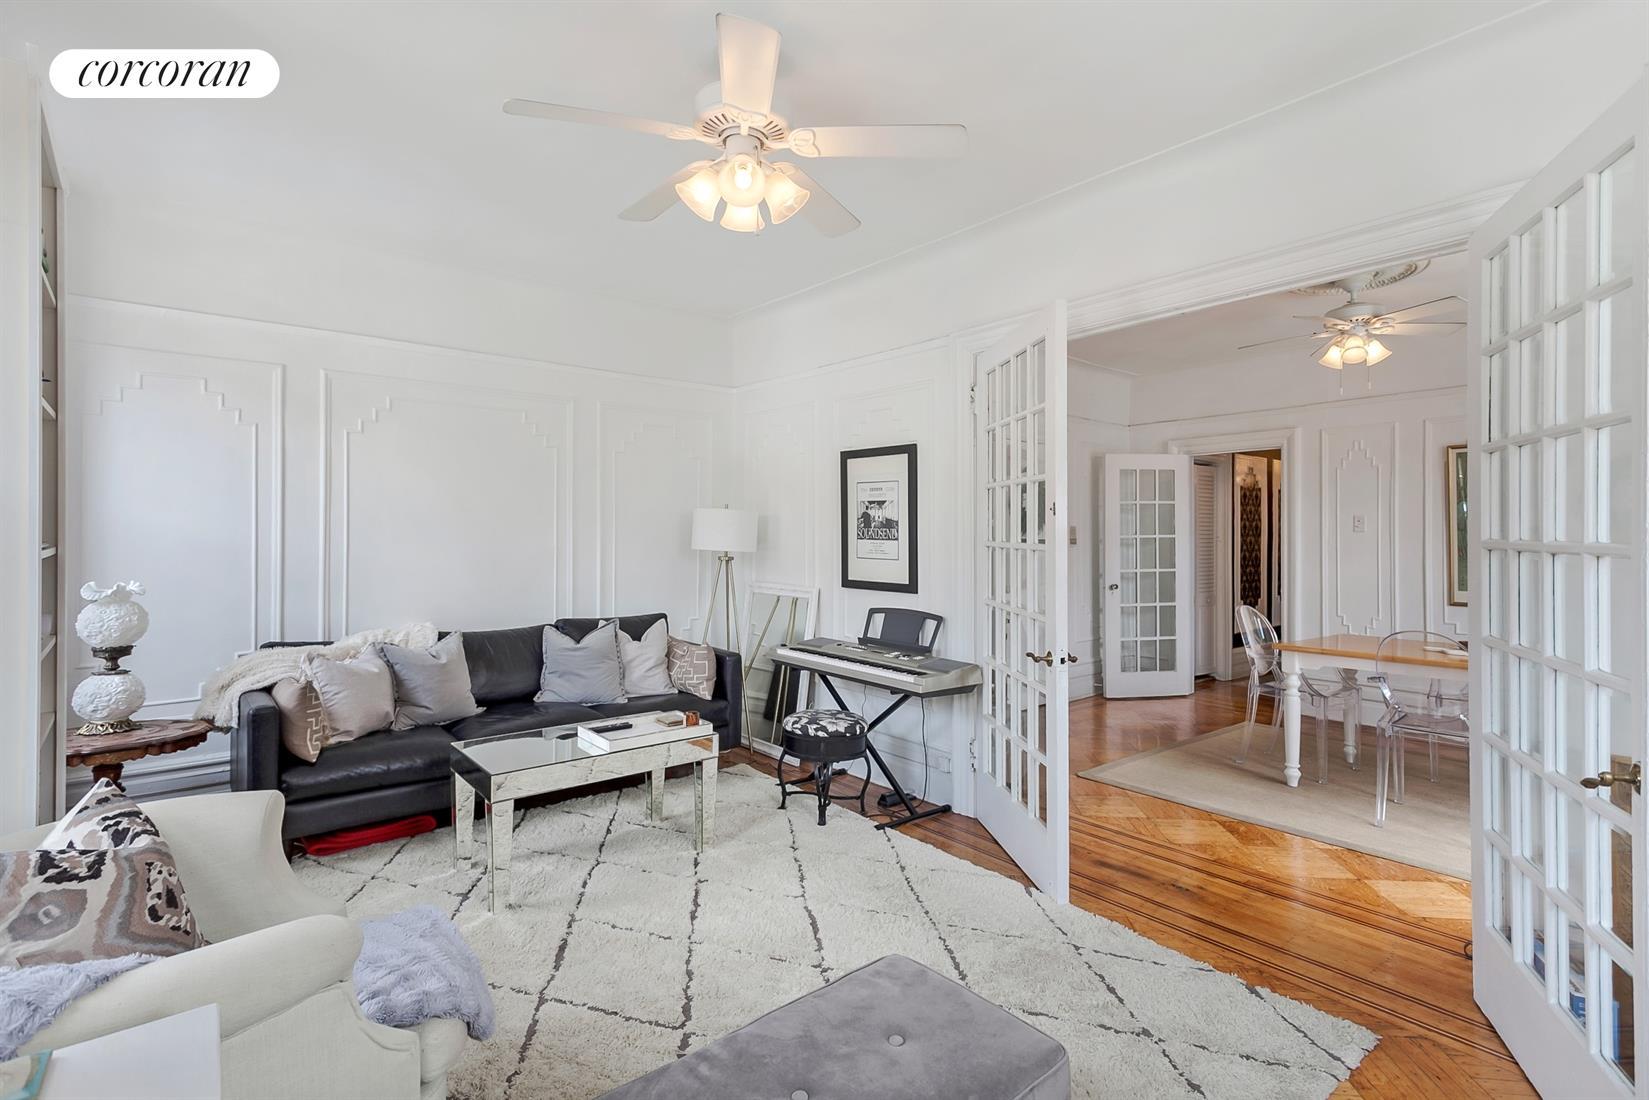 Corcoran, 85 Dean Street, Apt. 1, Boerum Hill Rentals, Brooklyn ...